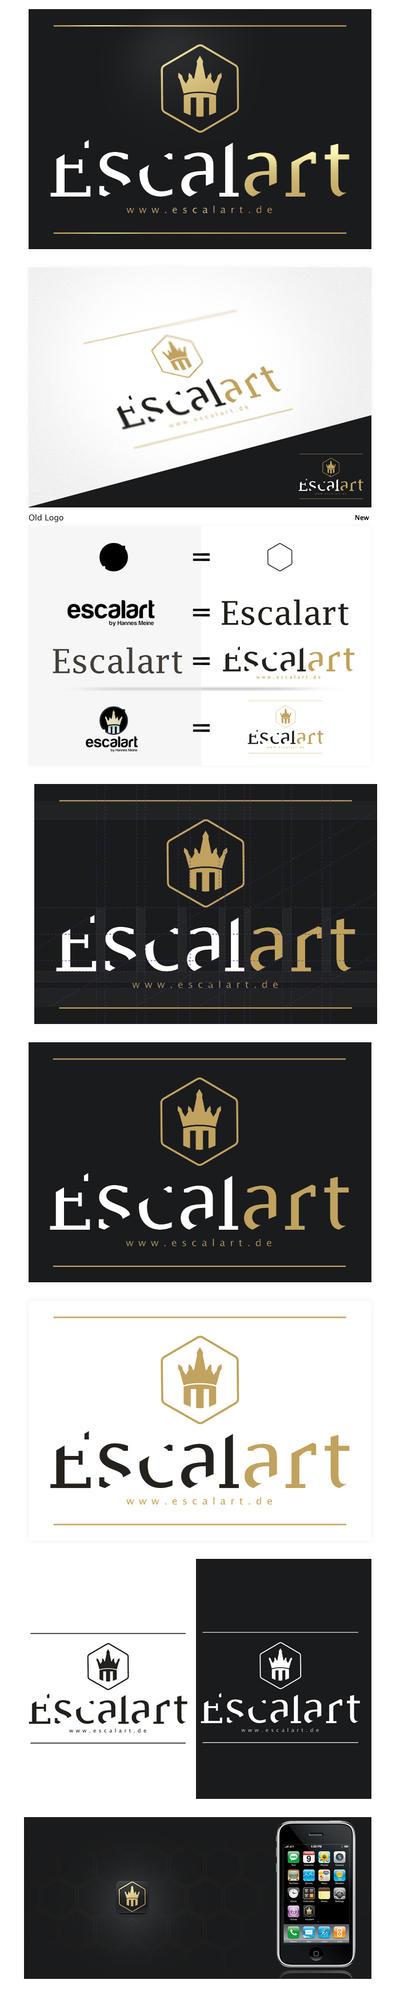 Escalart Logo by hNsM